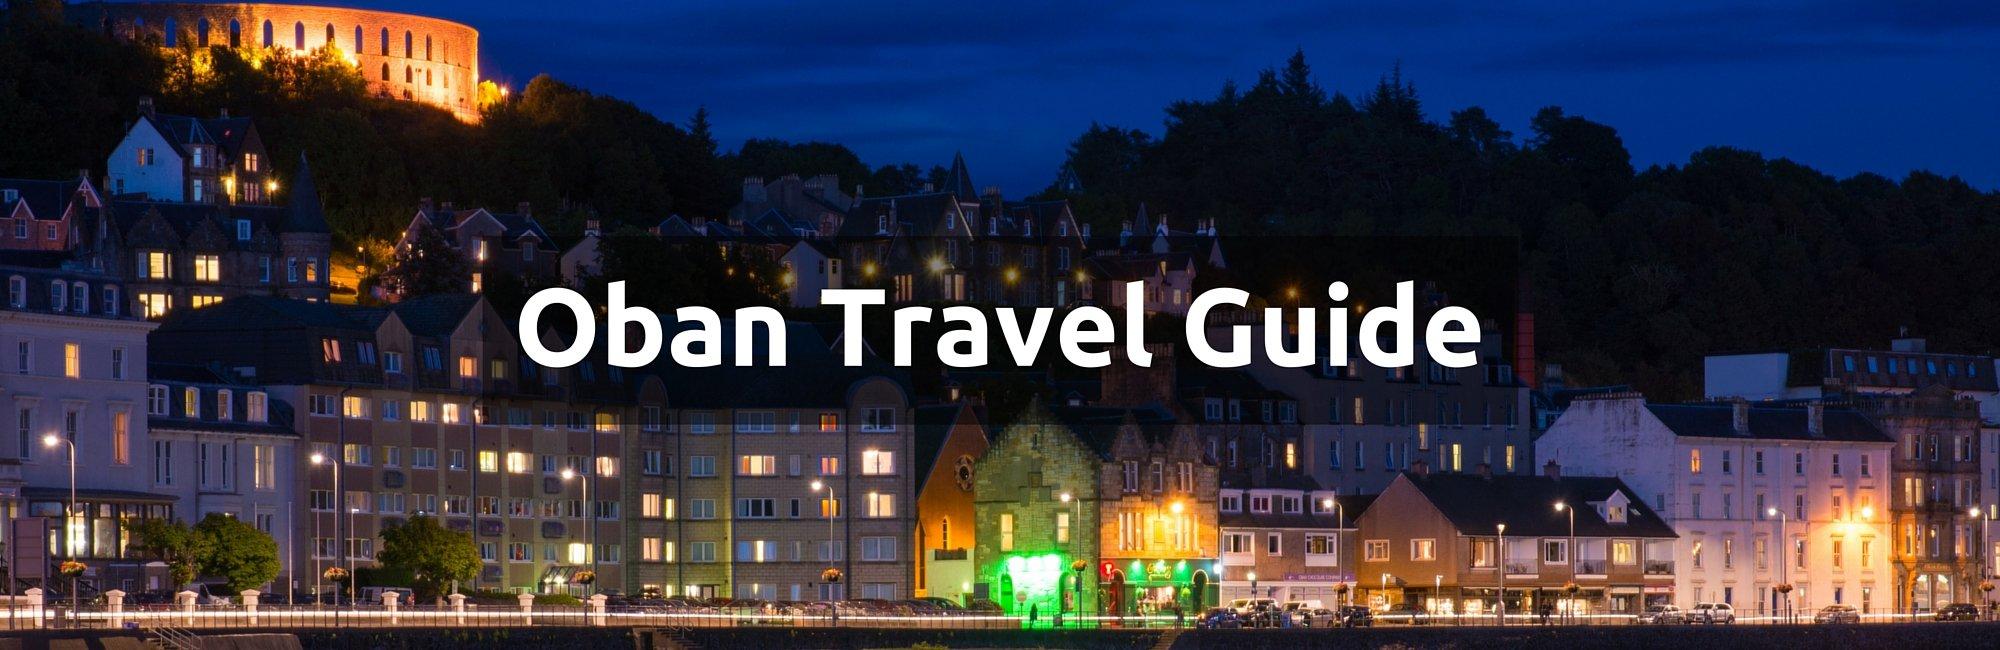 Oban Travel Guide